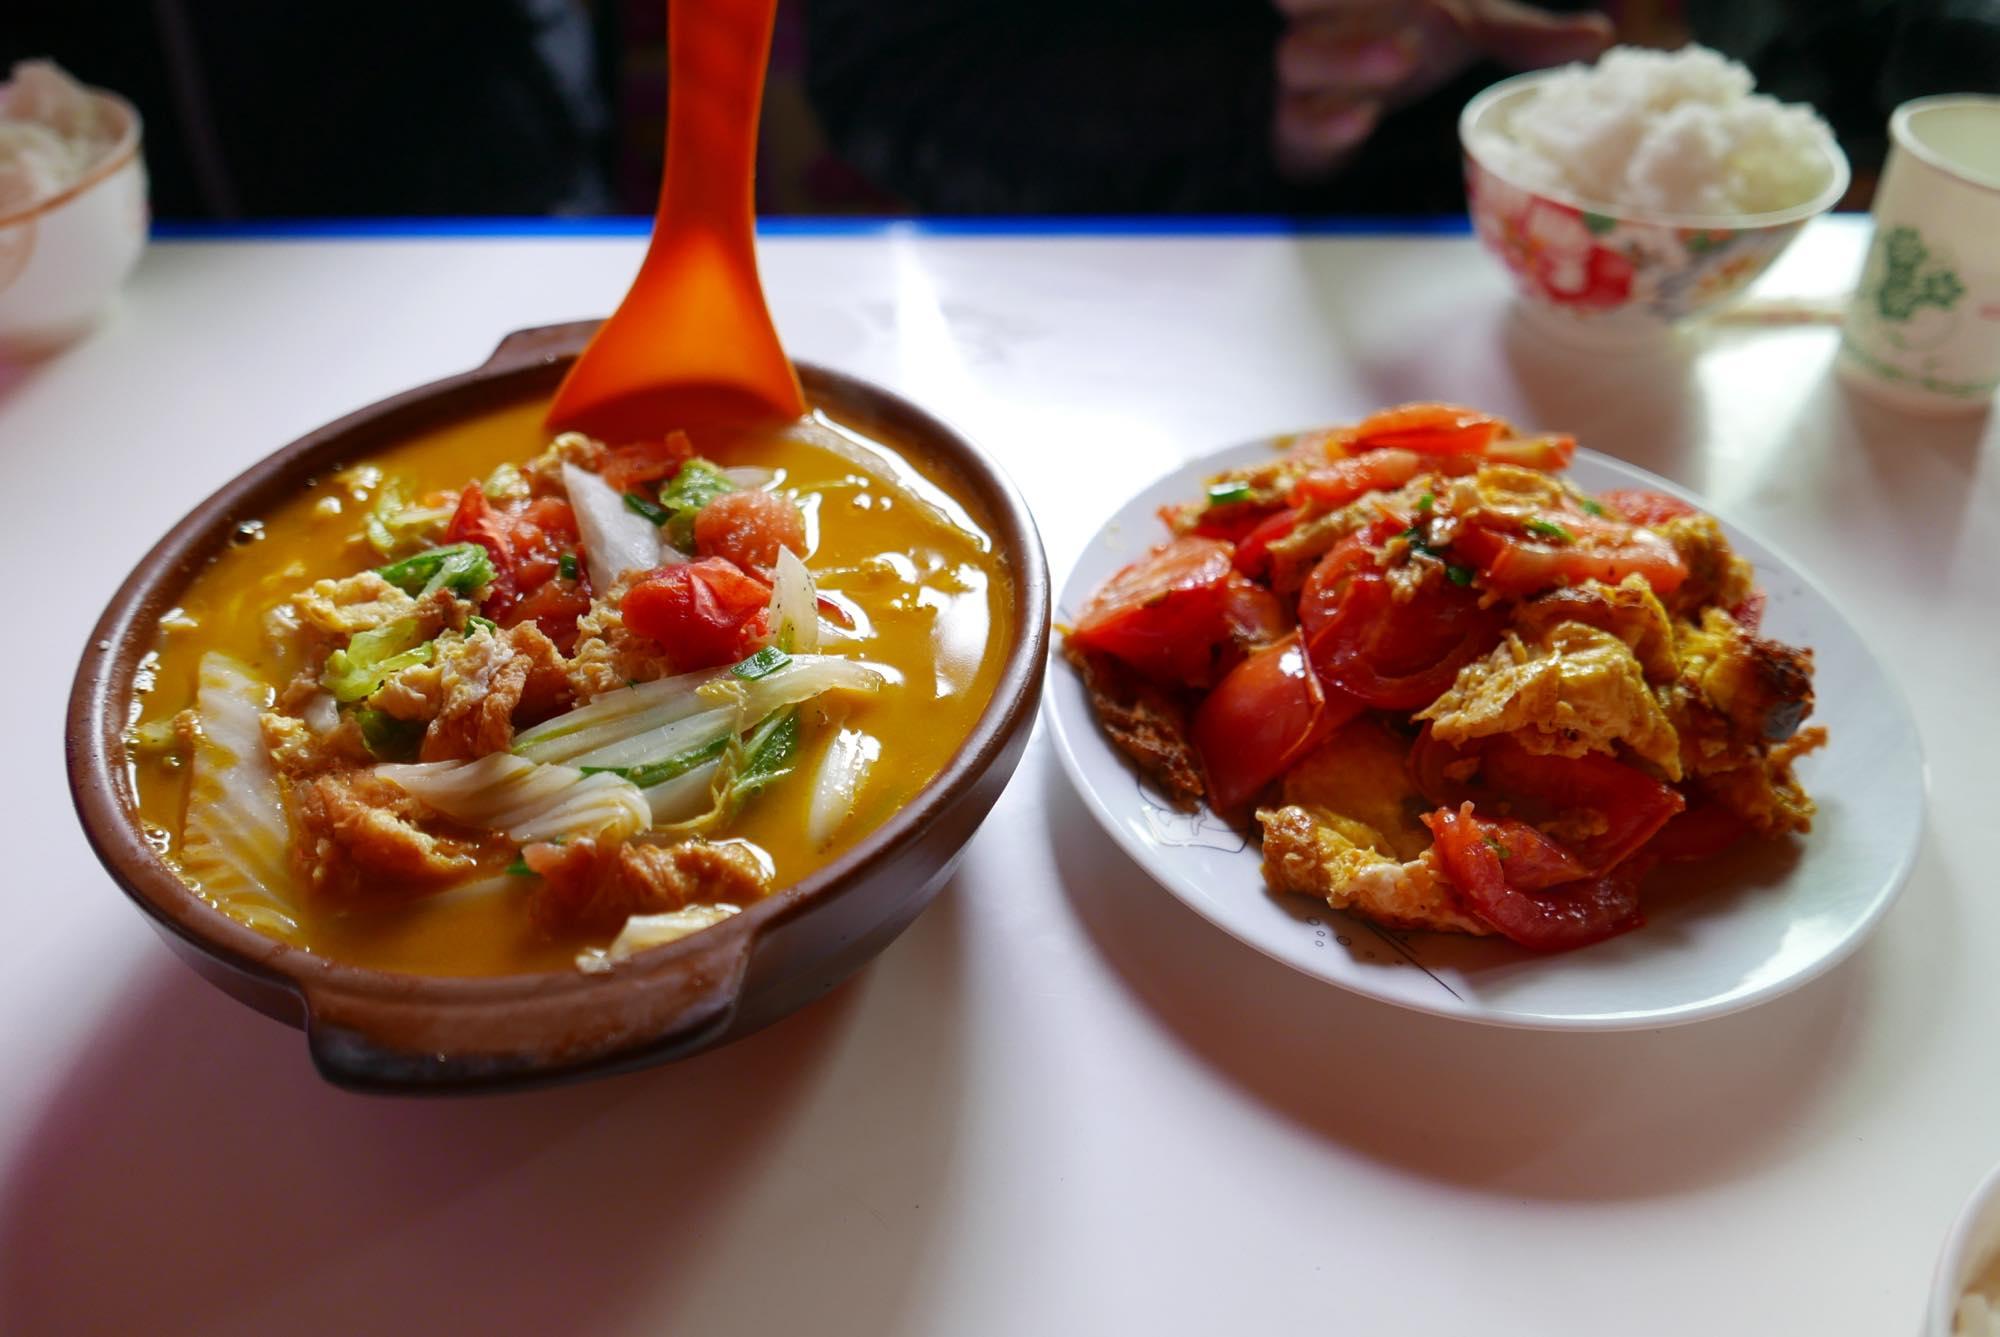 卵料理 アチェンガルゴンパ